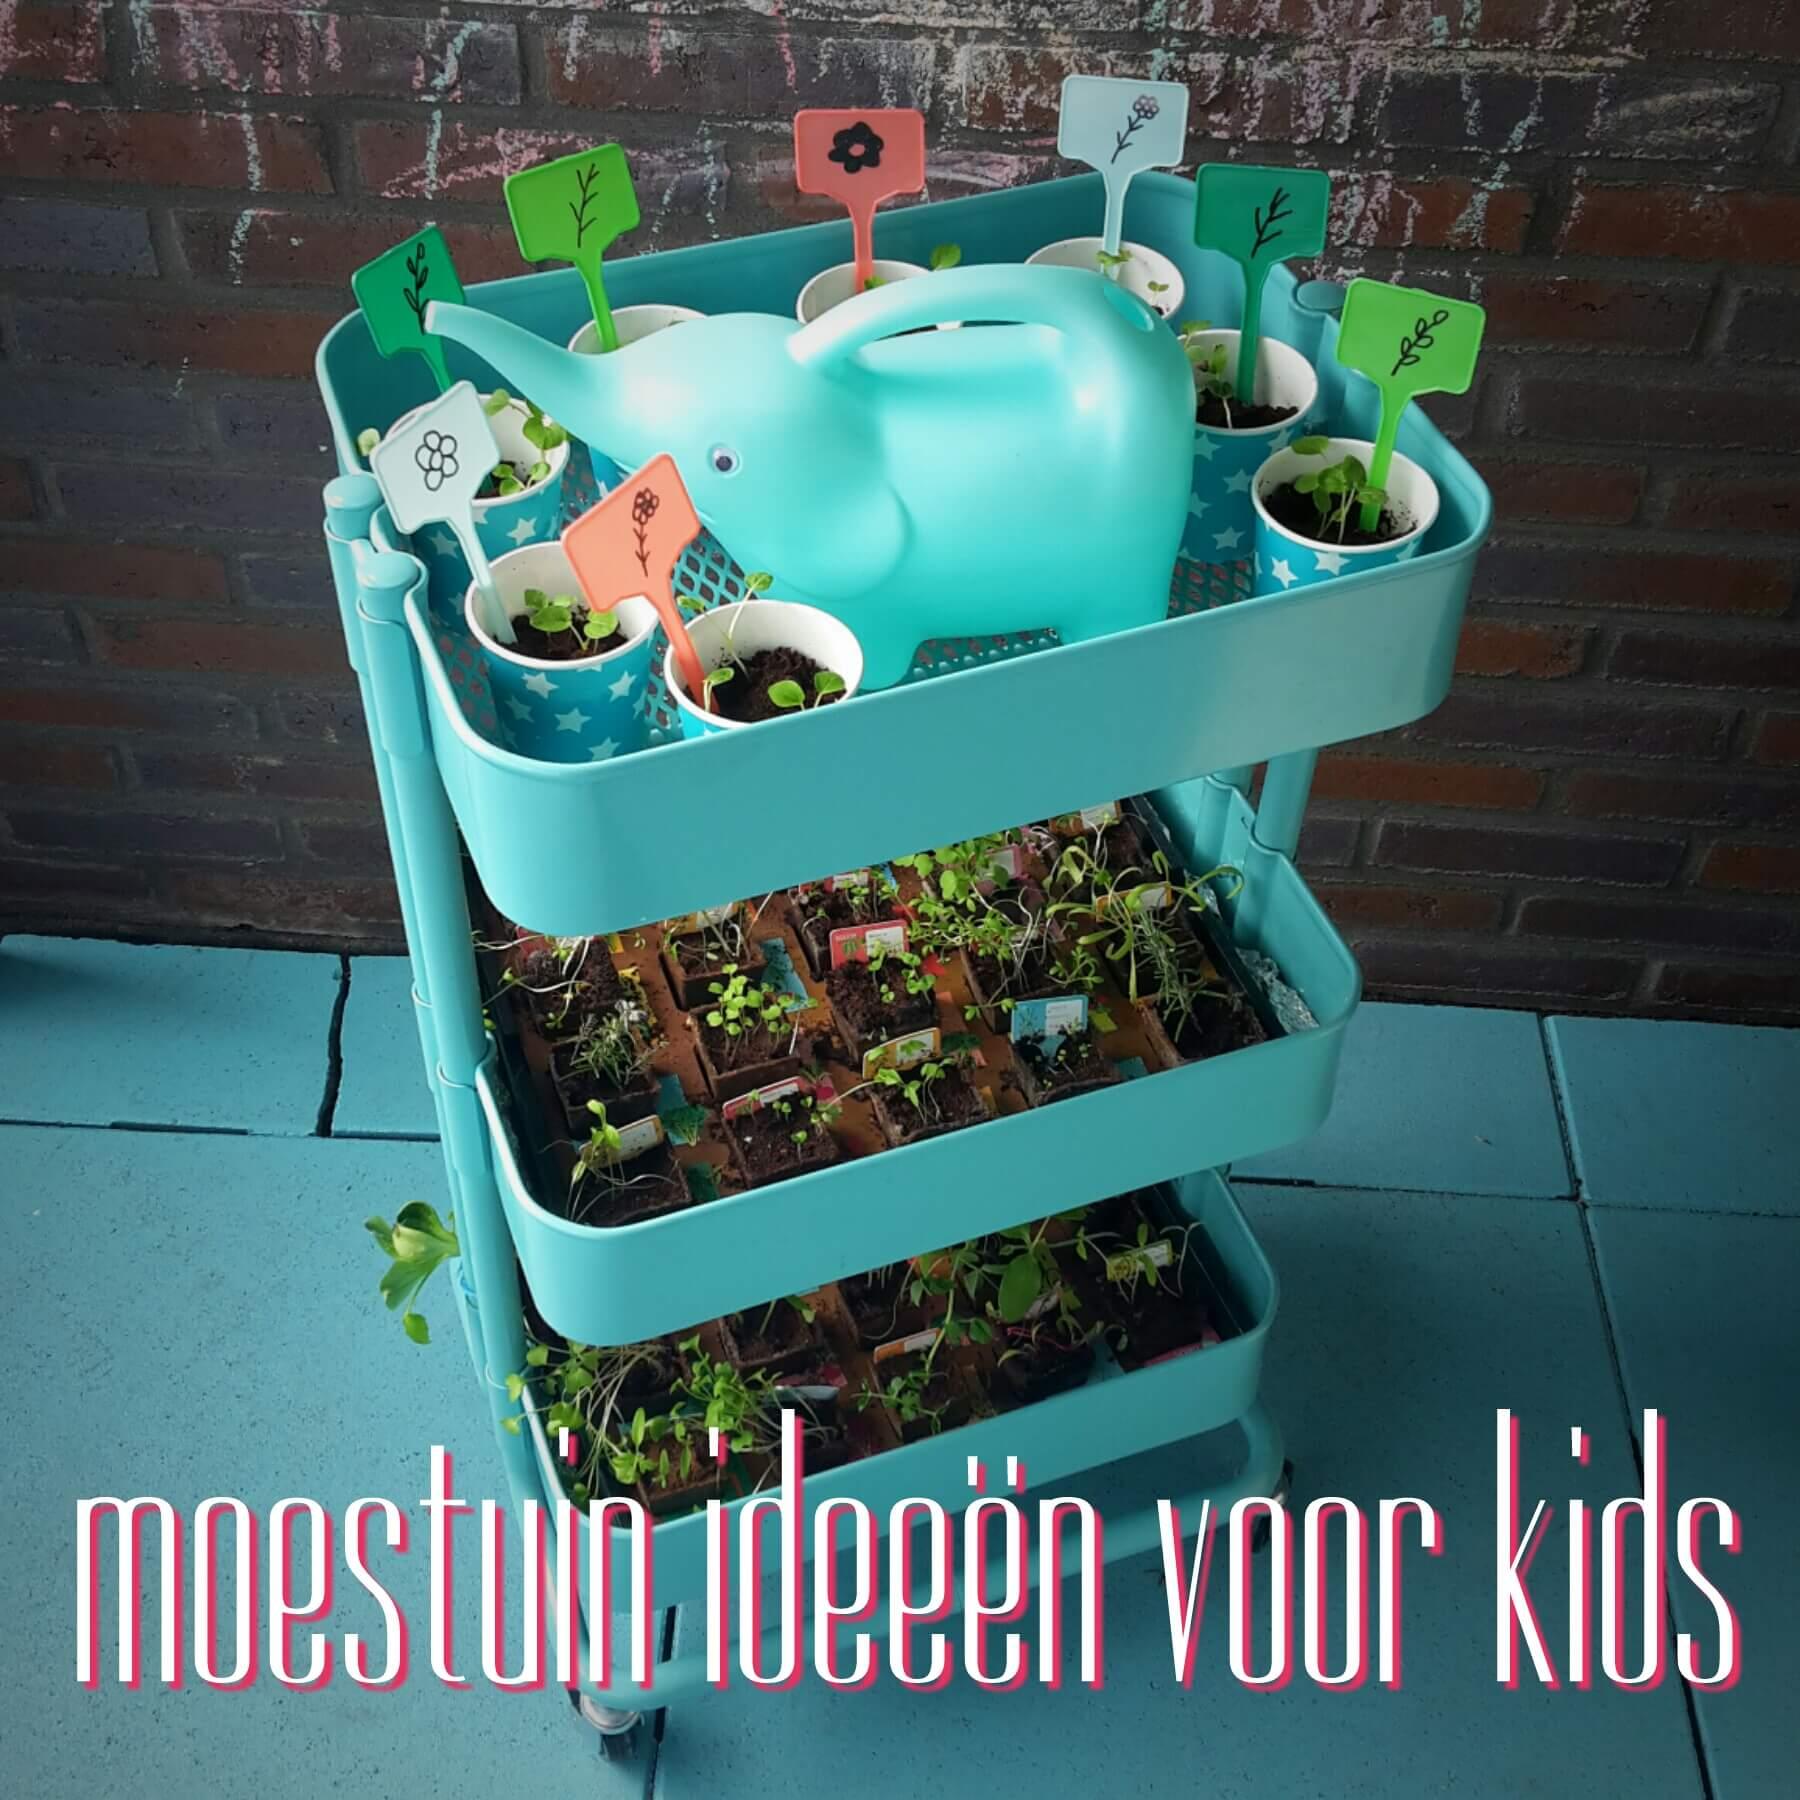 https://www.leukmetkids.nl/moestuintje-crea-ideeen-voor-kinderen/